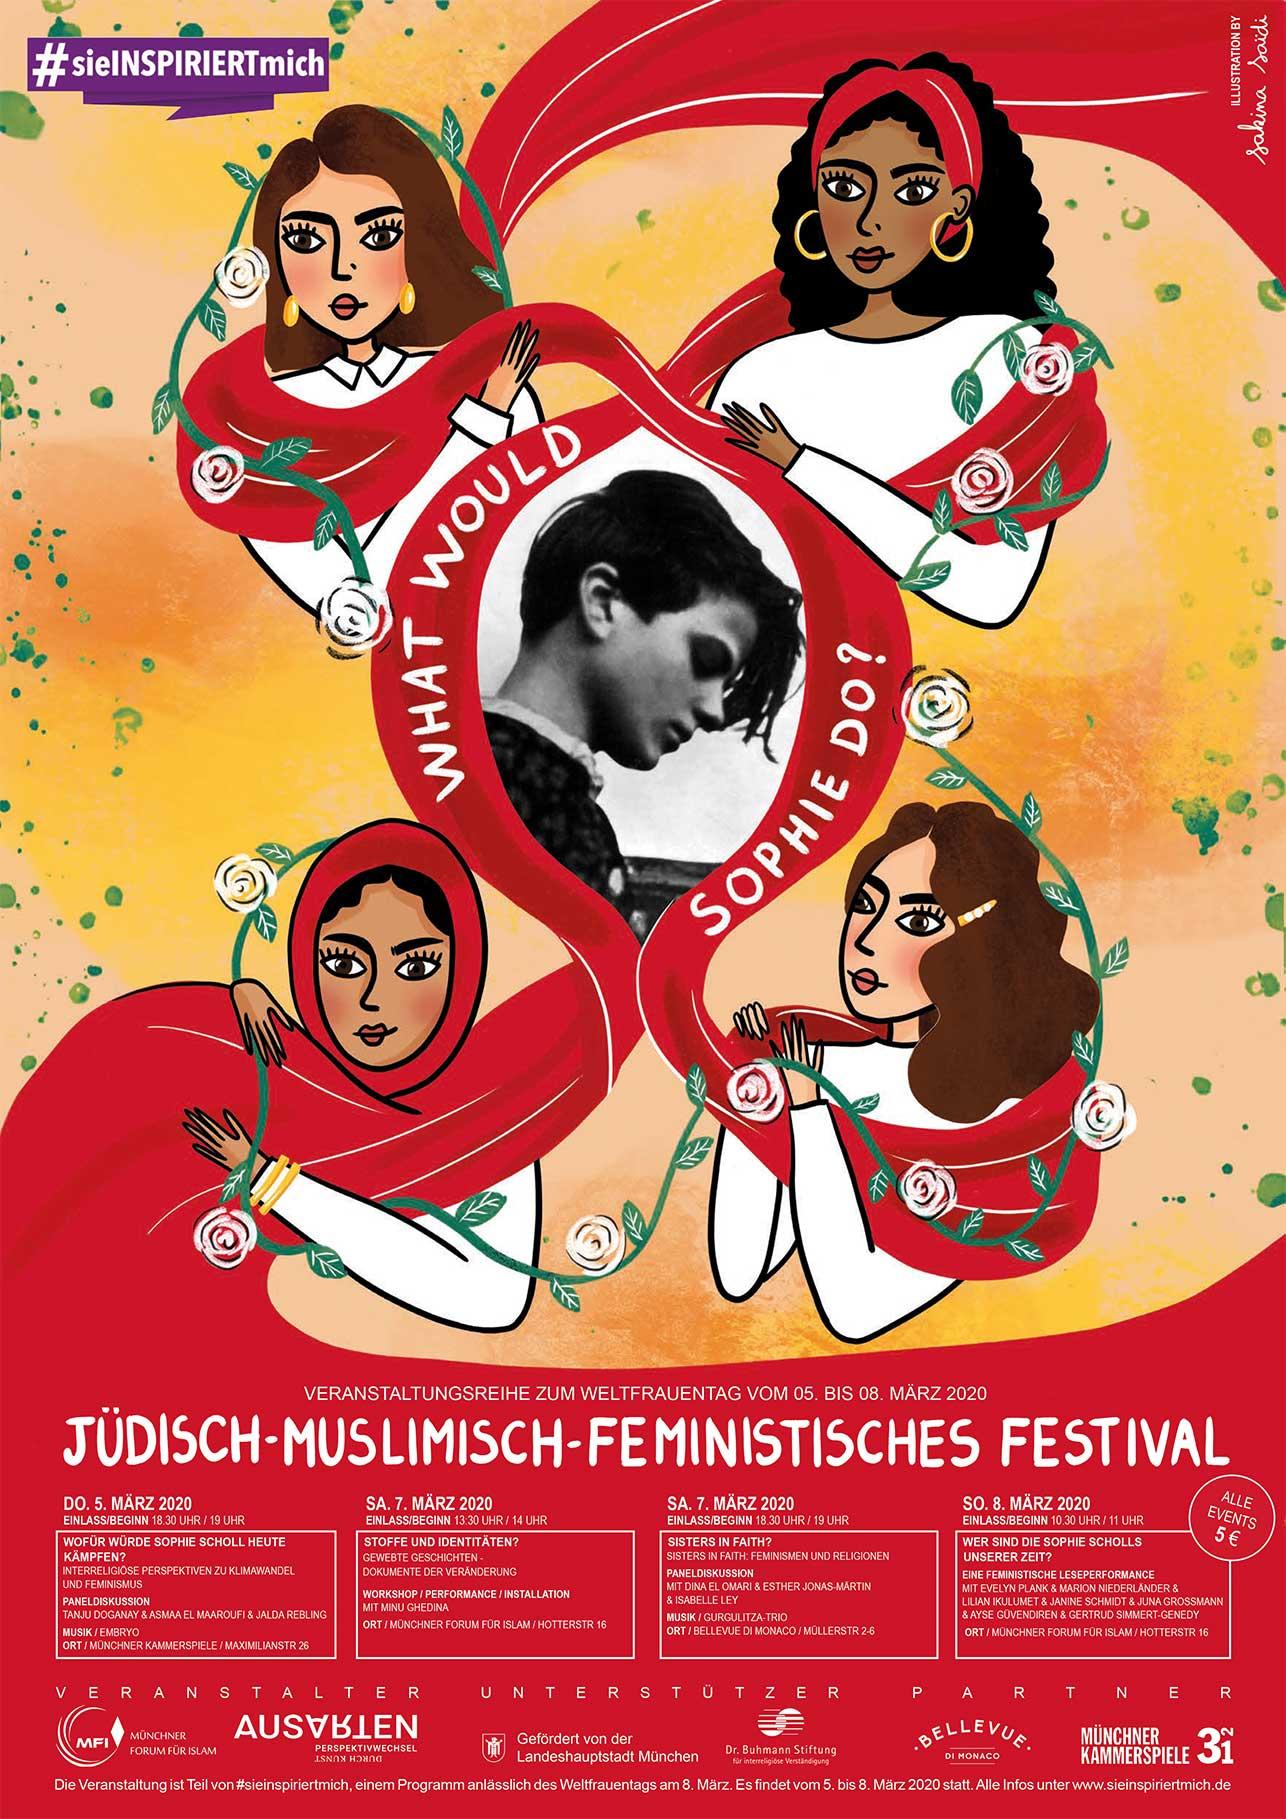 MFI Flyer: jüdisch-muslimisch-feministisches Festival 2020